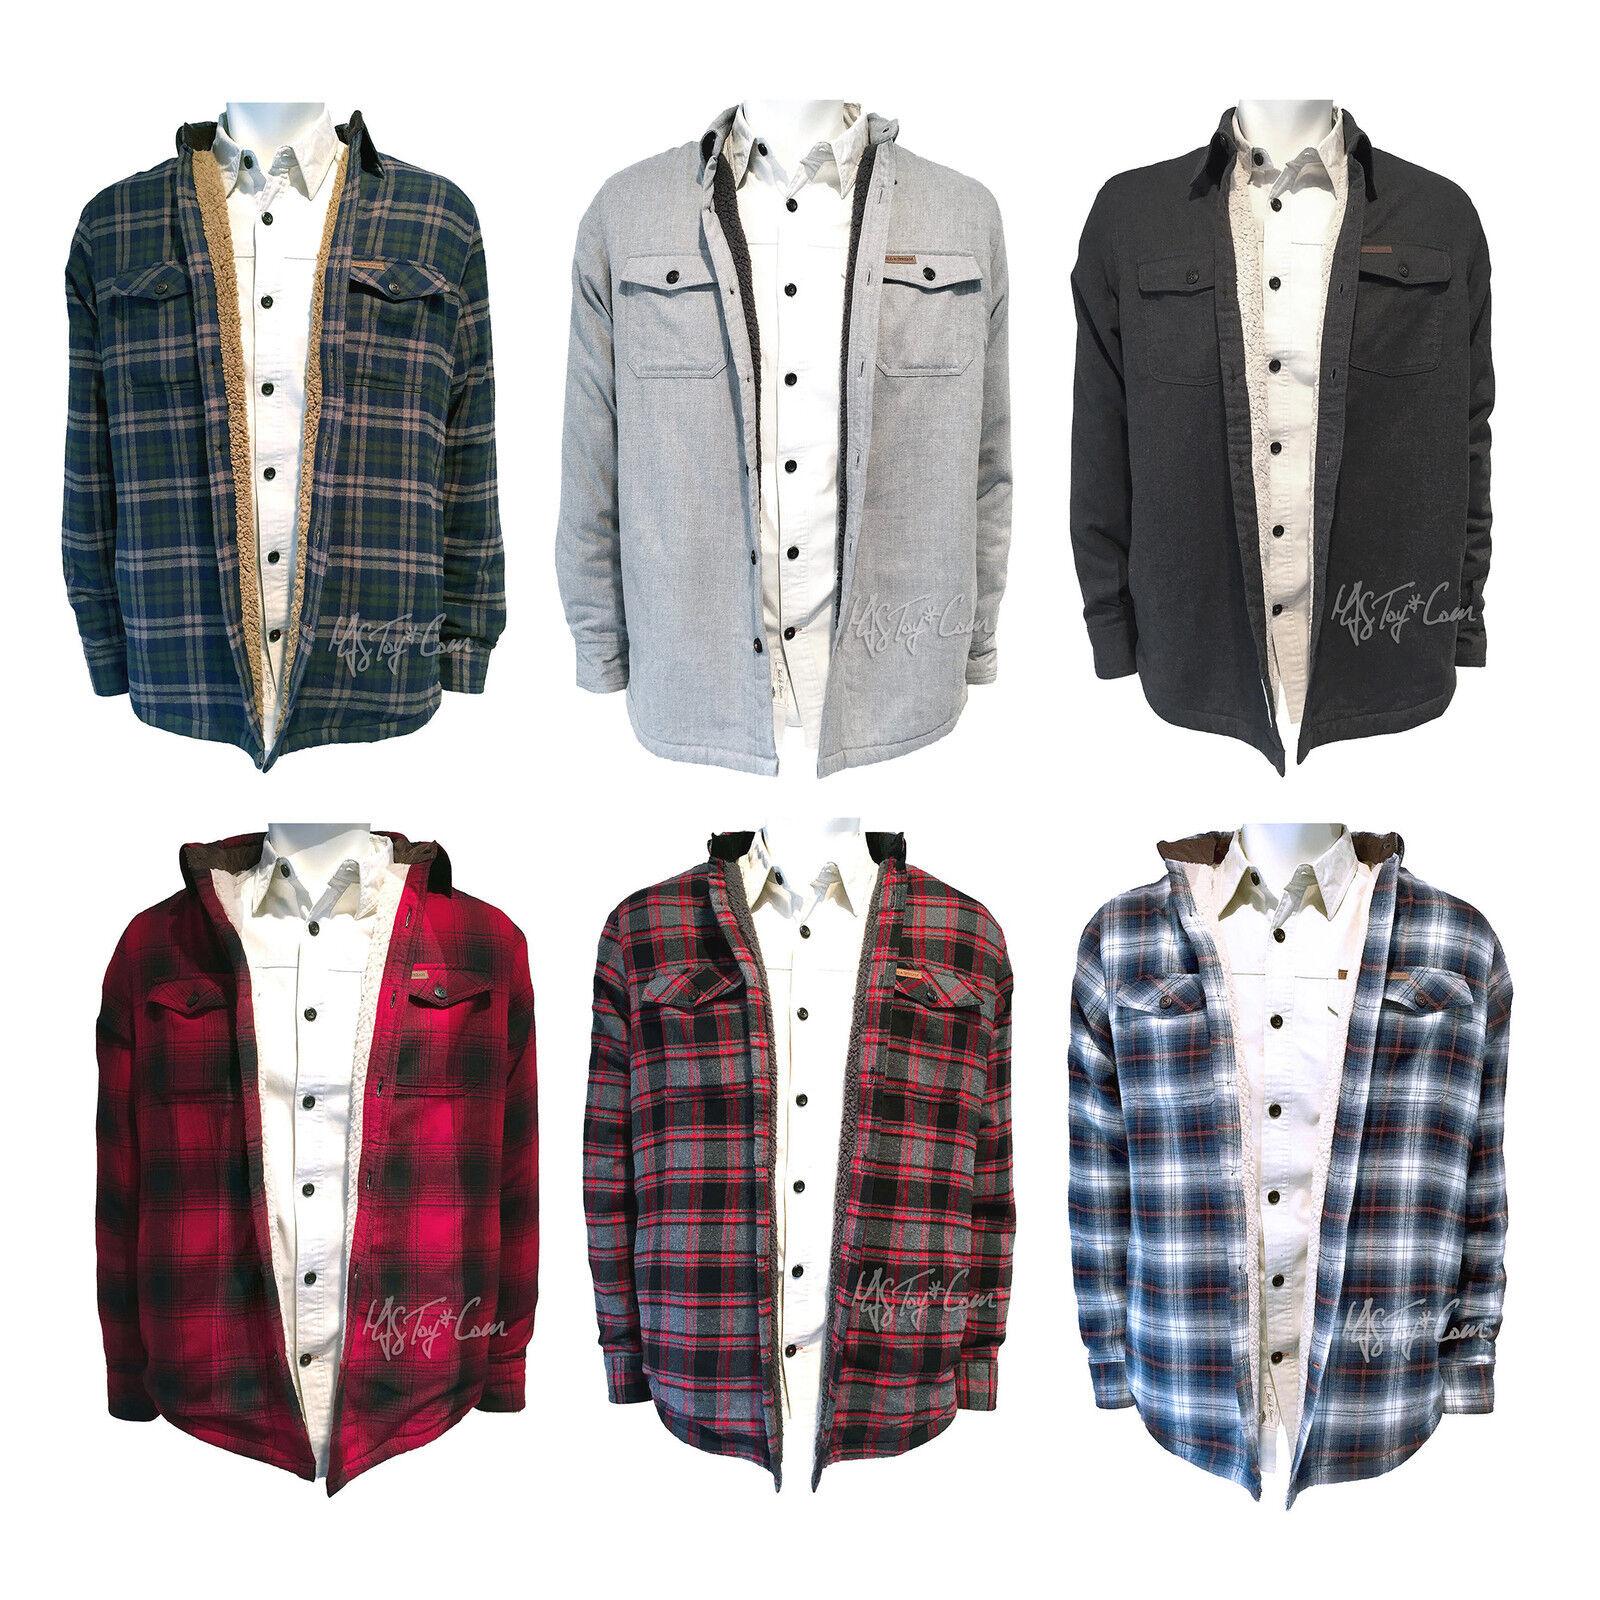 NWT FIELD & STREAM Sherpa Lined Flannel hemd jacke Long Sleeve S-2XL MSRP  100